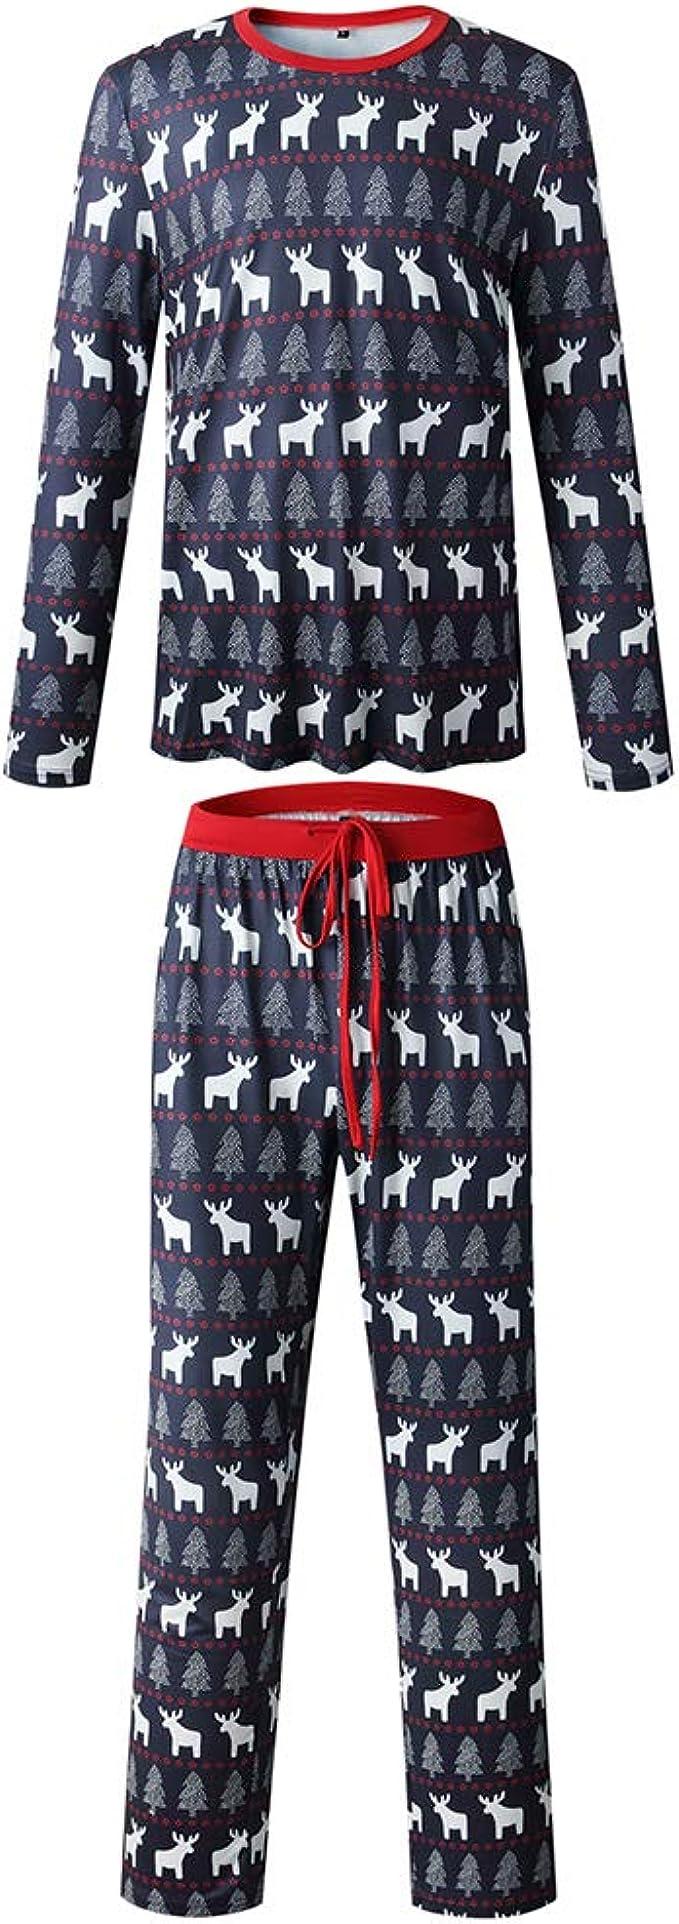 Pijamas Estampados de Navidad para Hombres, Traje de Navidad ...